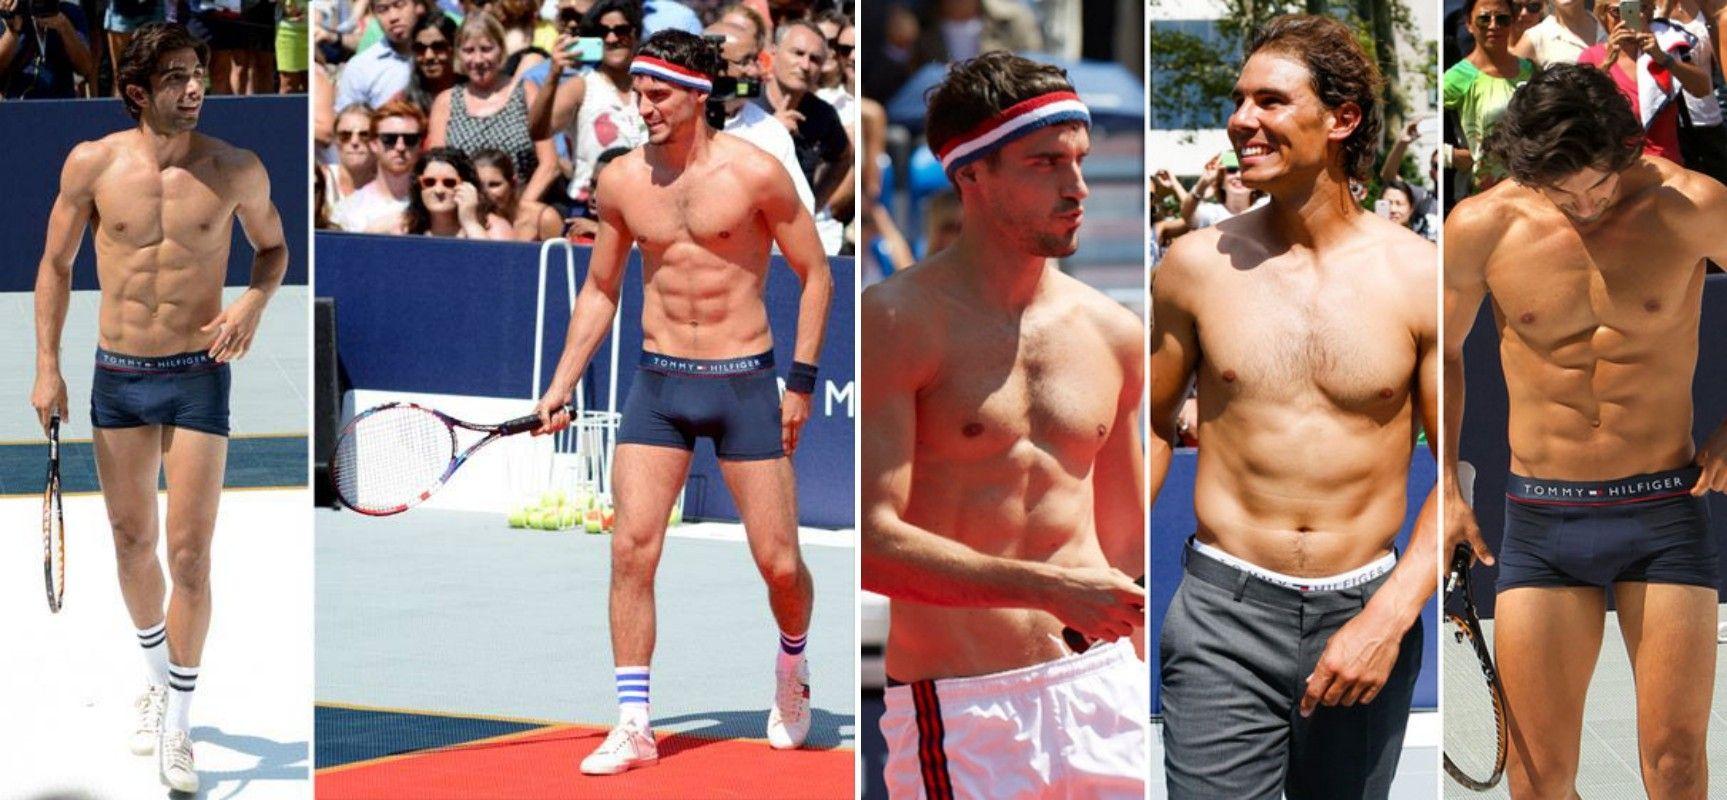 Evento de strip tenis en Nueva York Rafa y Tommy